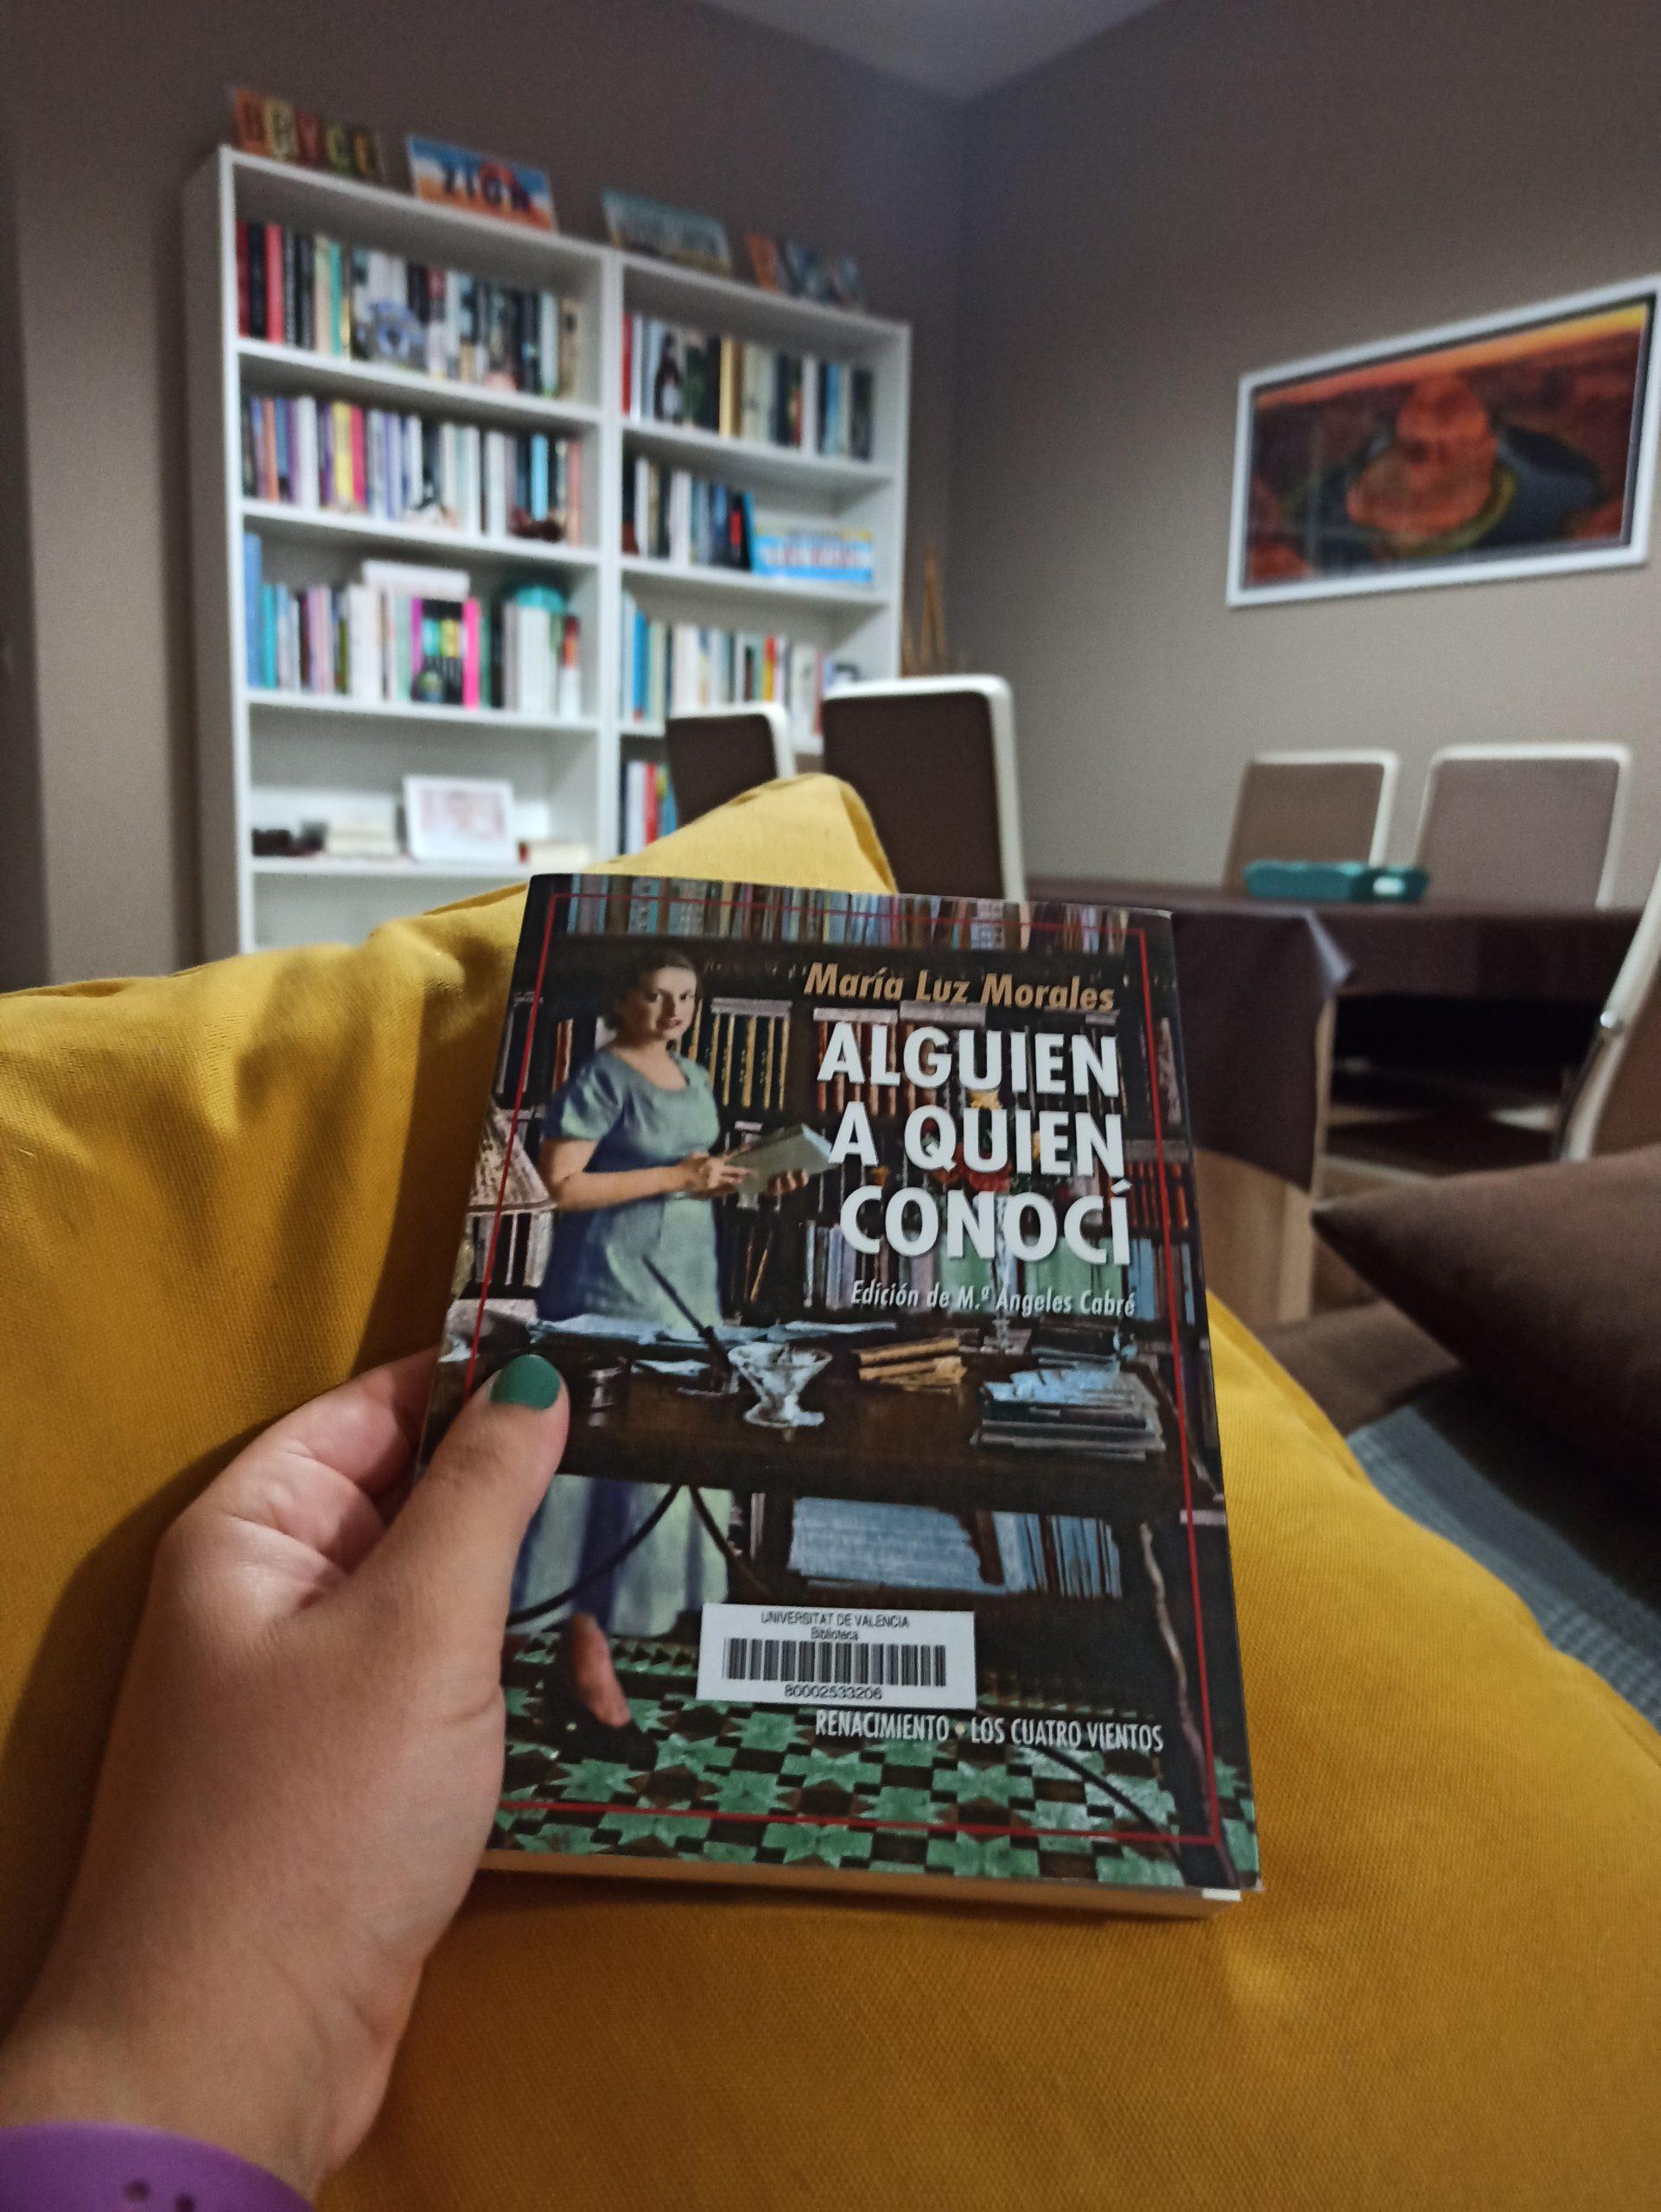 ALGUIEN A QUIEN CONOCÍ, de María Luz Morales.